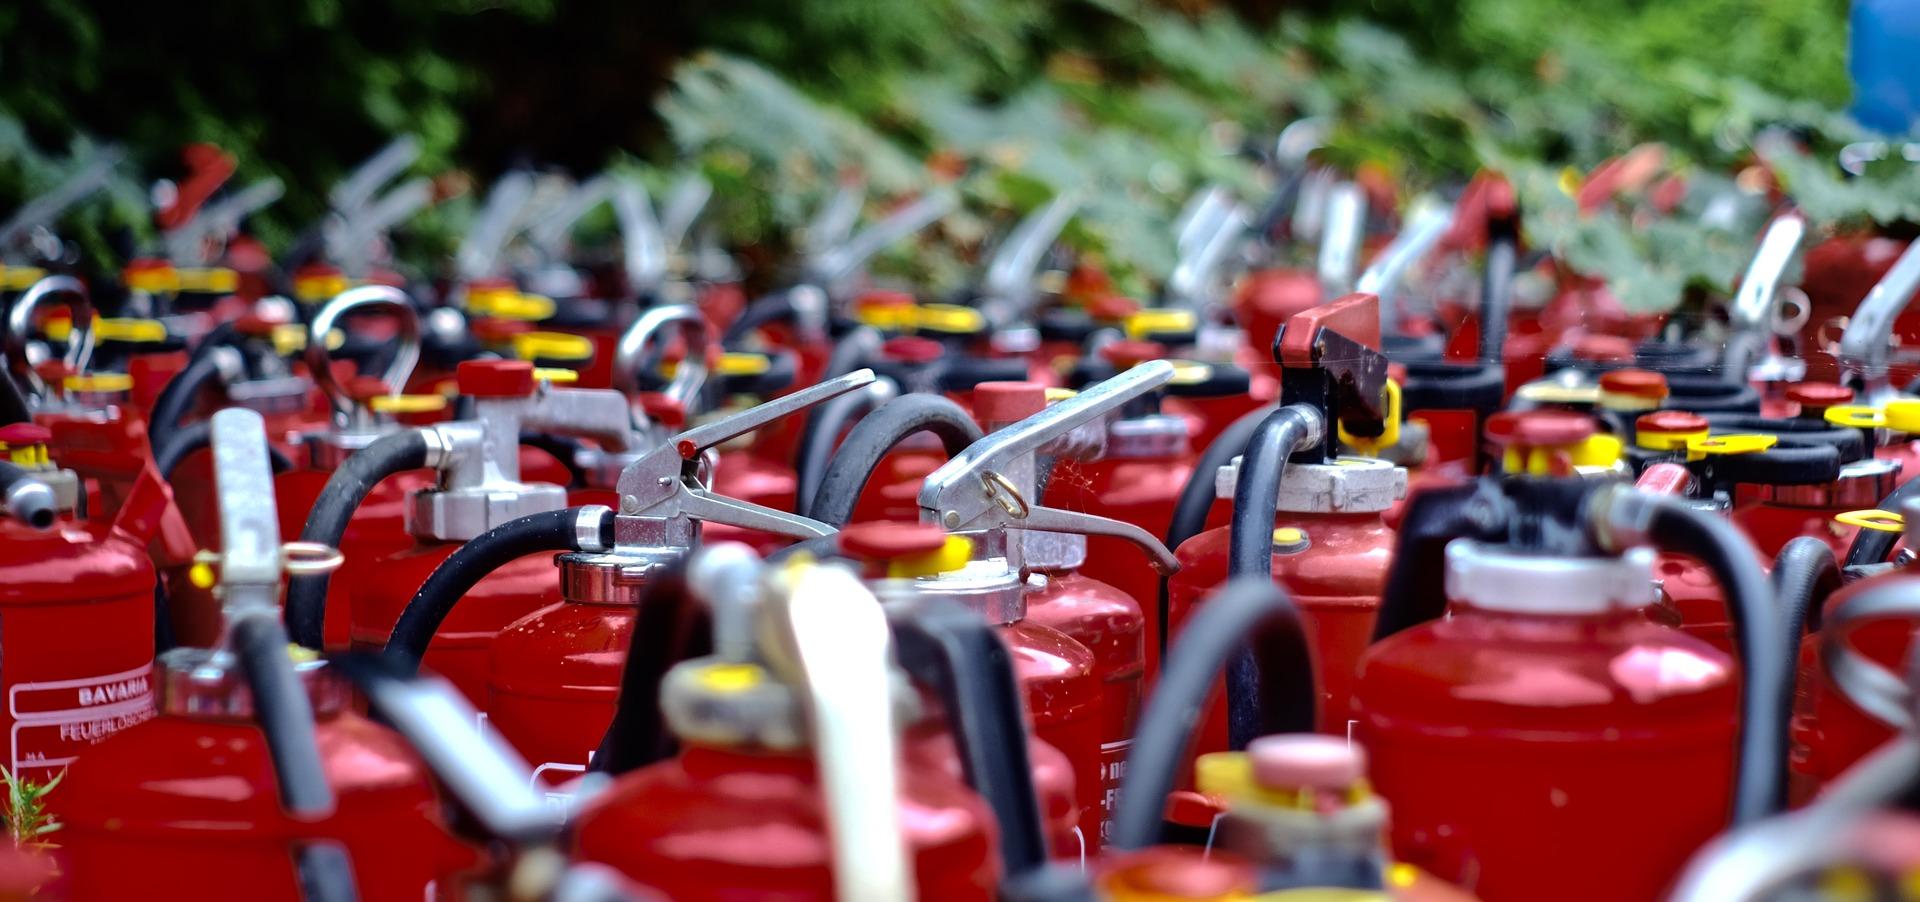 Medida de segurança de um plano contra incêndio e pânico